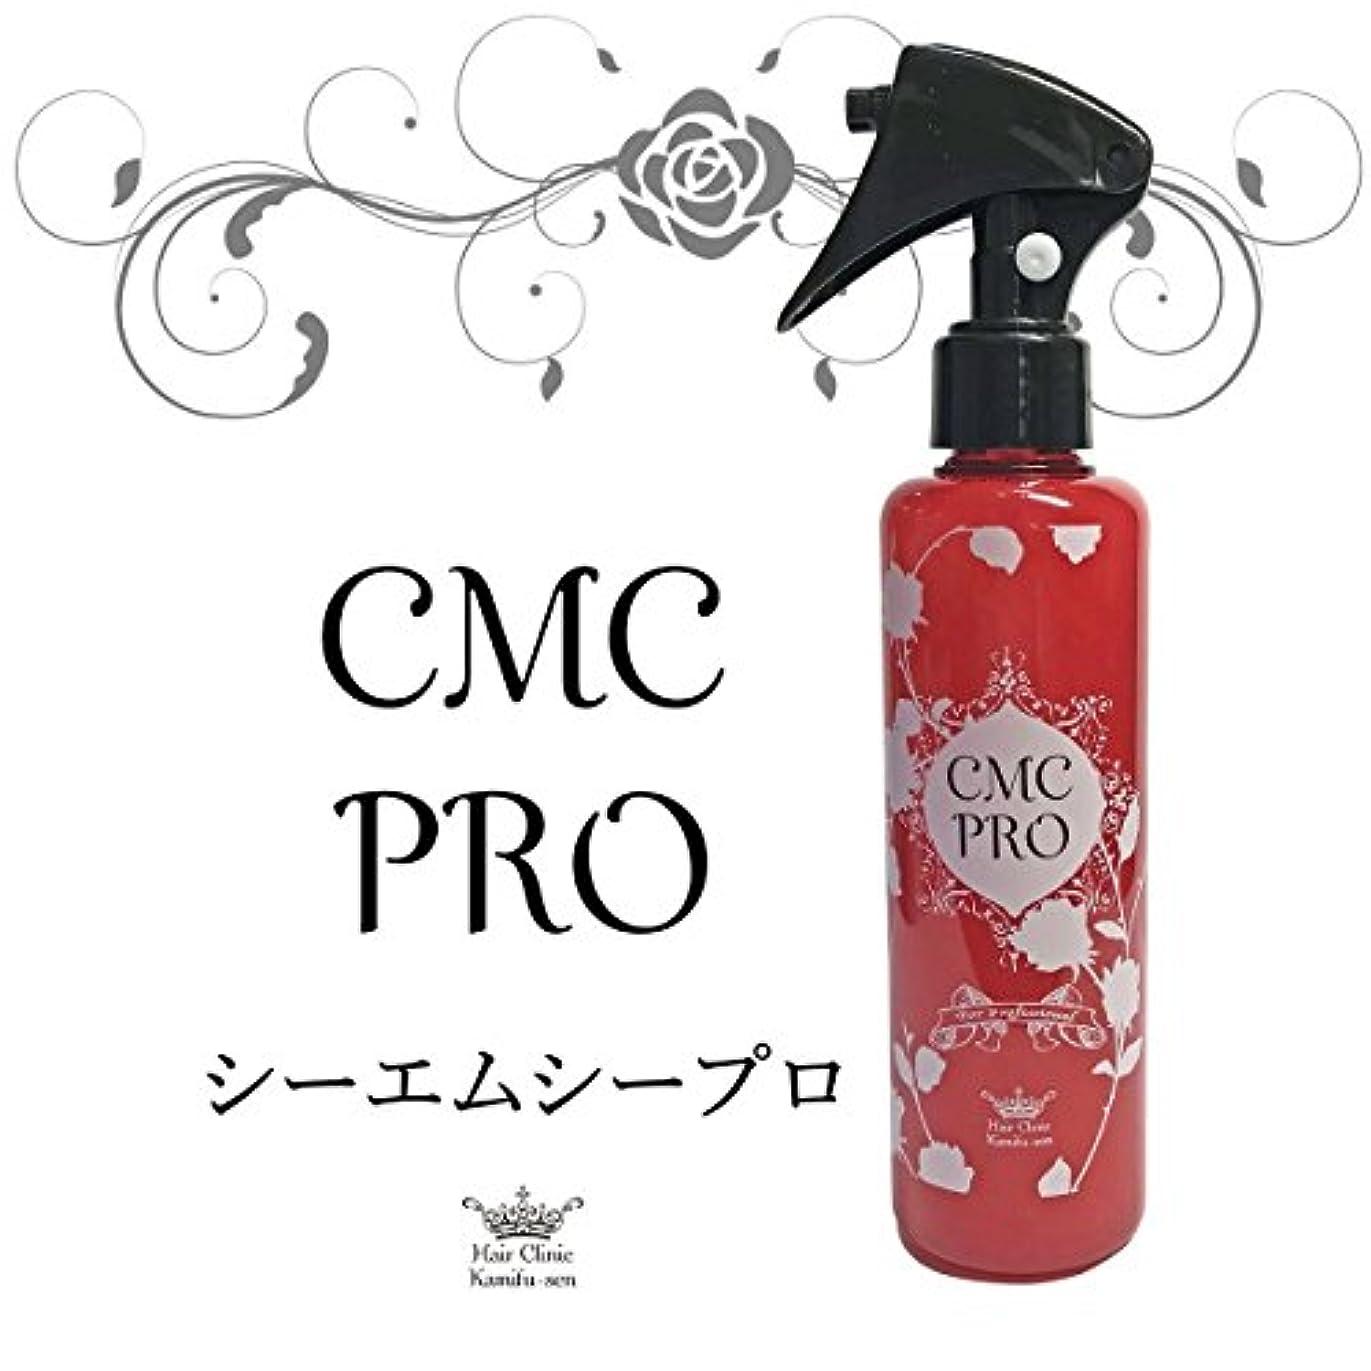 きつく無一文メタルラインCMCプロ(200ml)(バサバサ髪もしっとり髪へ、ビビリ毛修正に最適)